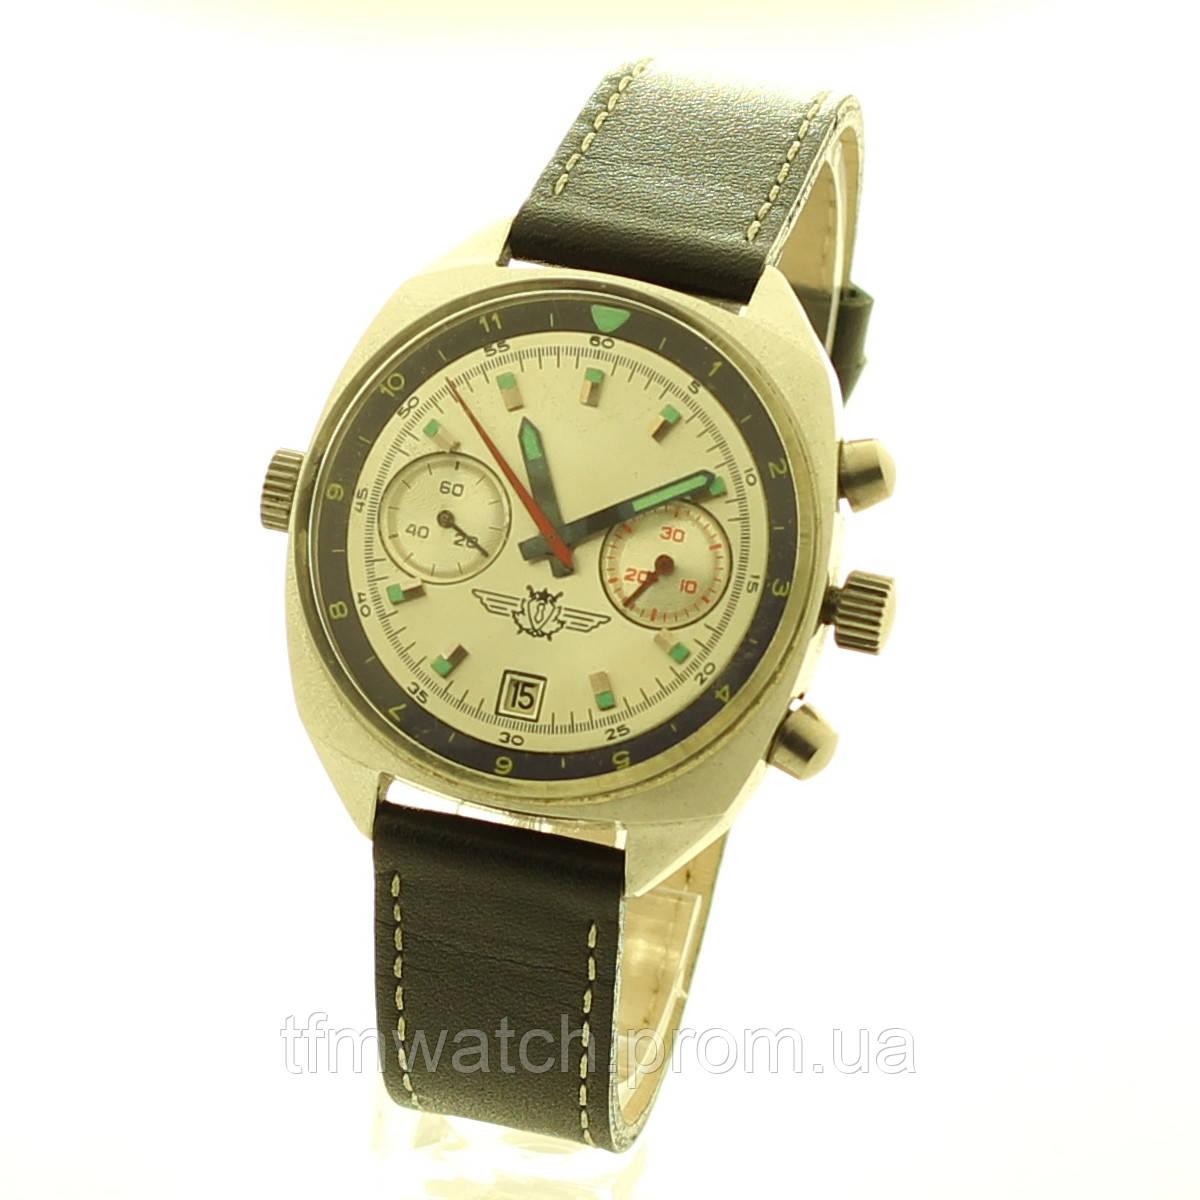 Хронограф 3133 Штурманские часы СССР